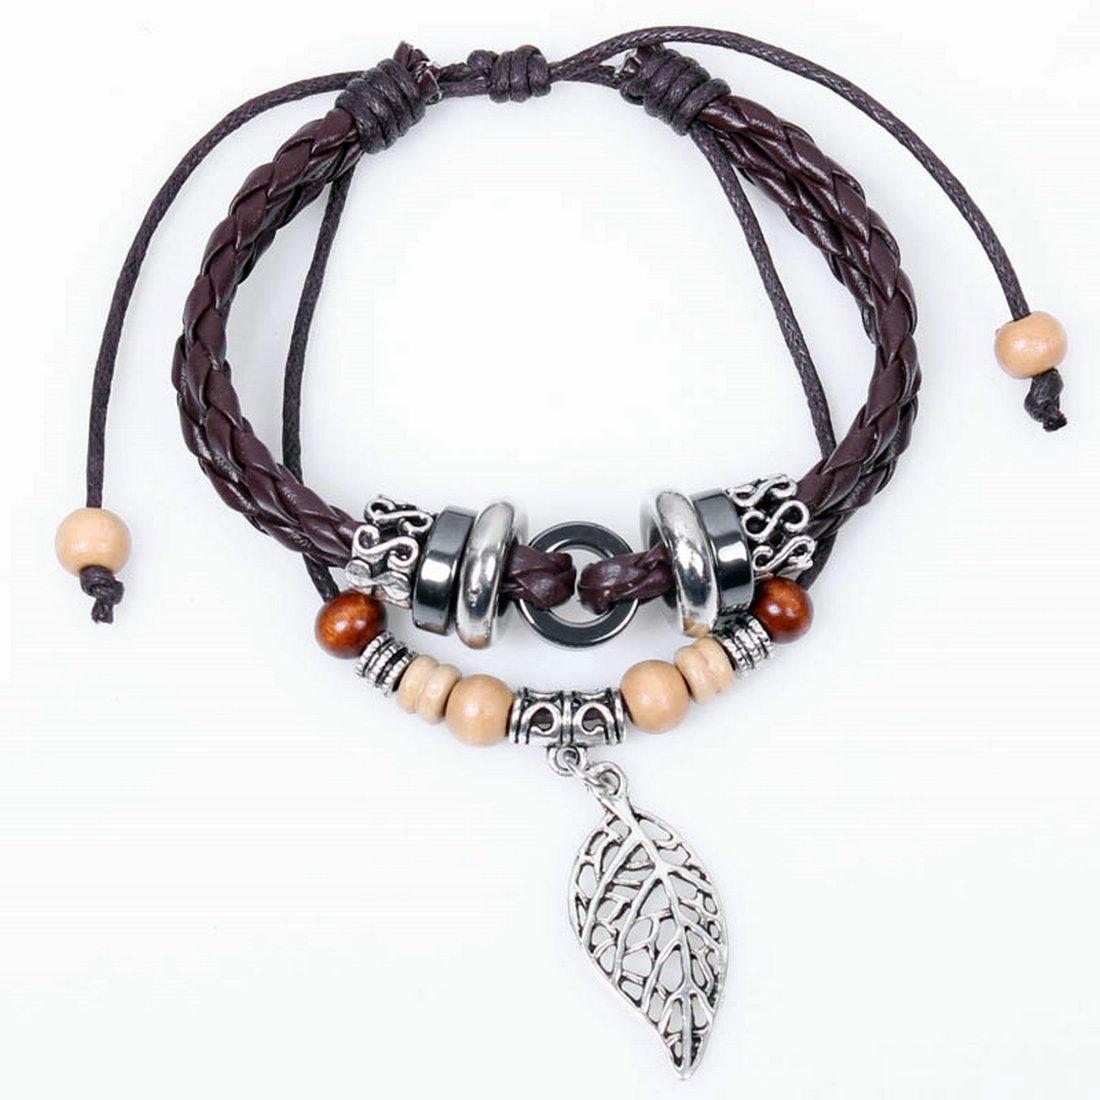 热销爆款 木珠串珠手链 一片绿叶皮质编织手链 波西米亚风手链